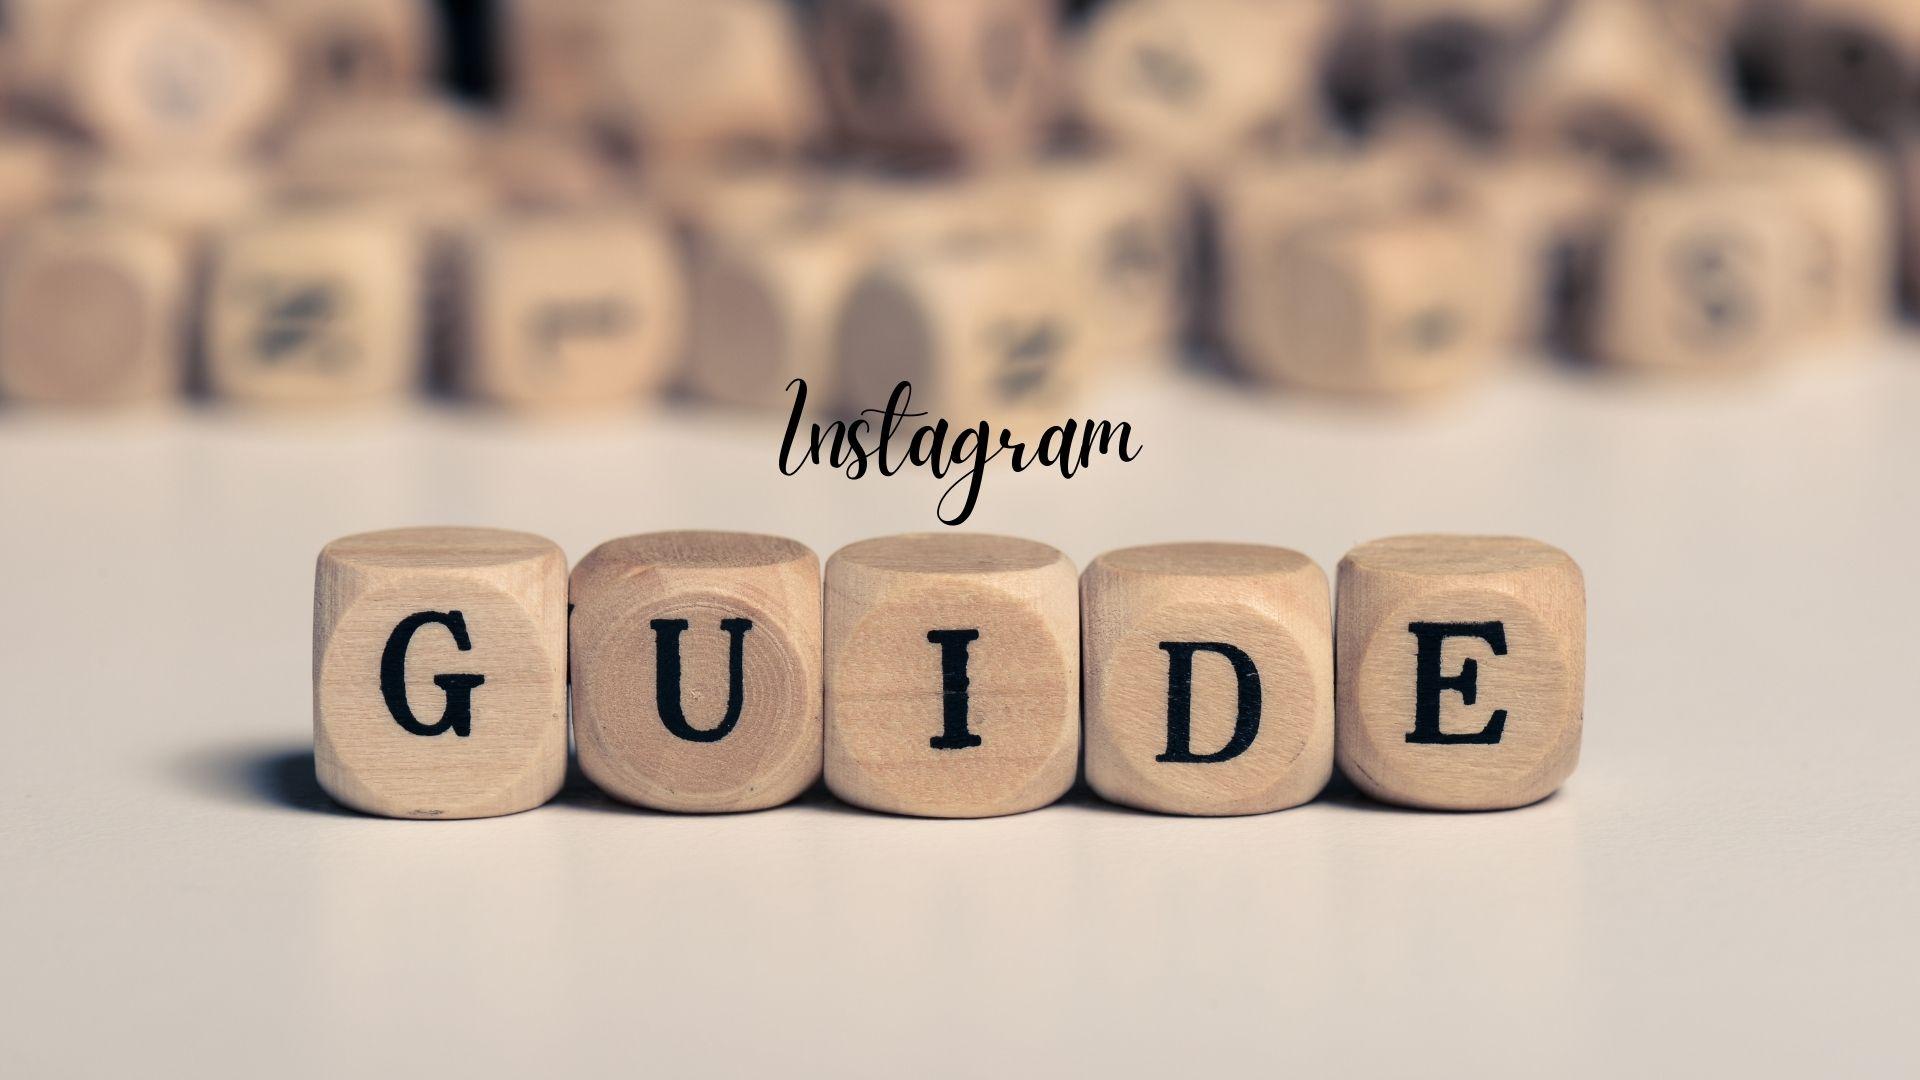 Sådan laver du Instagram Guides: step for step!